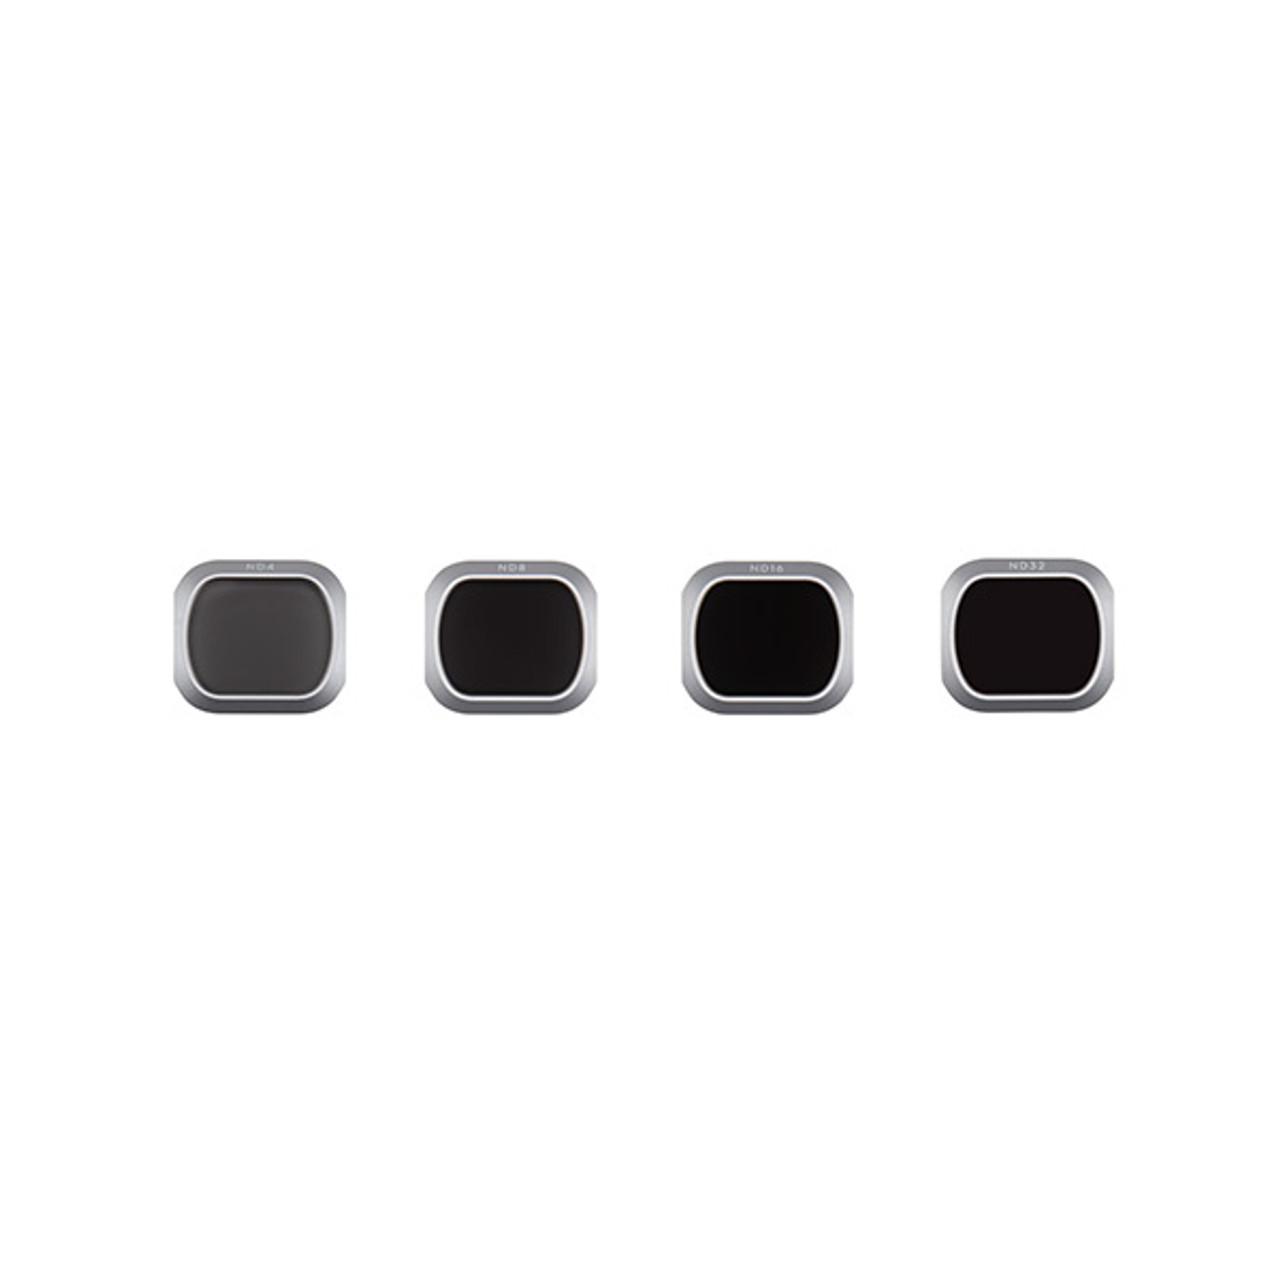 7803b1fe380 DJI Mavic 2 Pro ND Filters Set (ND4/8/16/32) - Broadway Camera